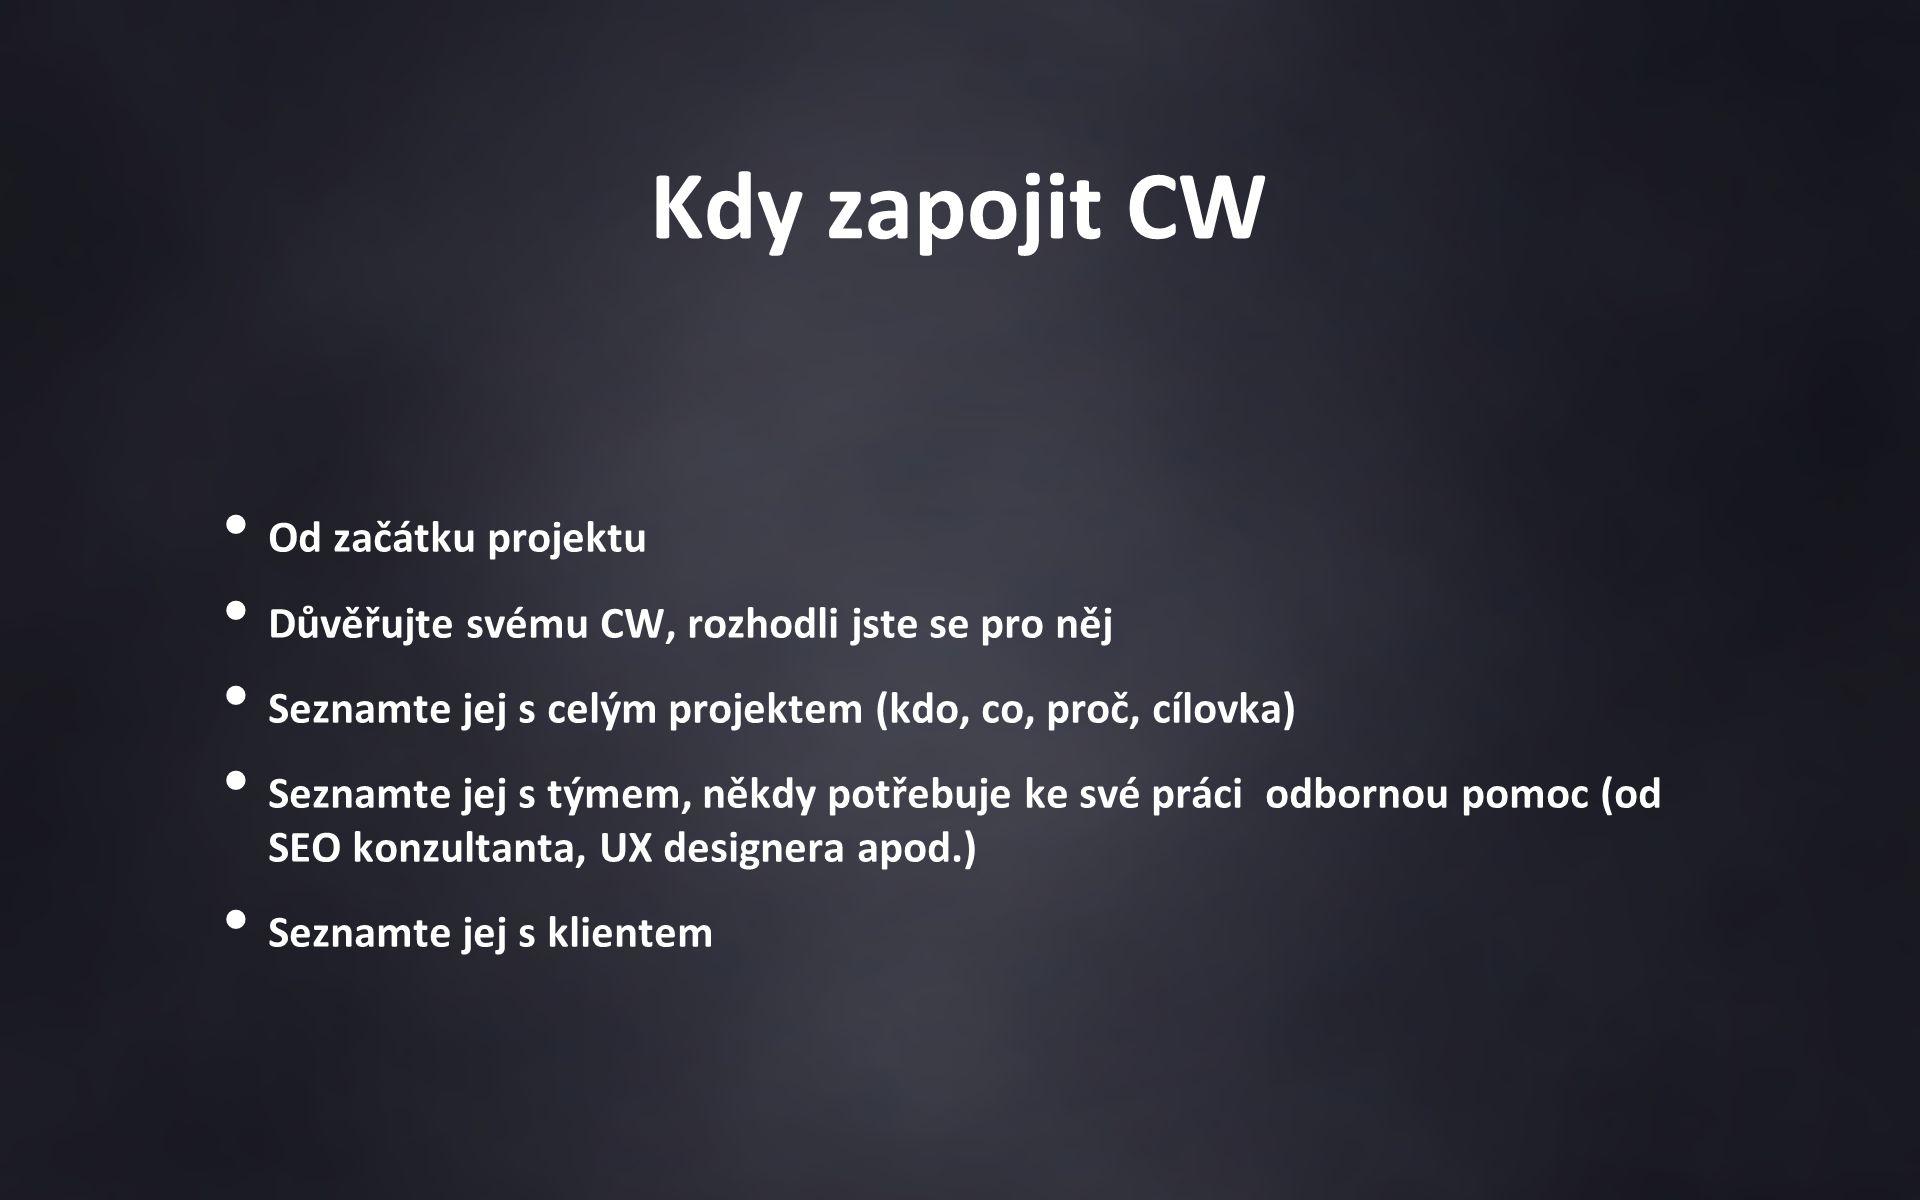 Kdy zapojit CW Od začátku projektu Důvěřujte svému CW, rozhodli jste se pro něj Seznamte jej s celým projektem (kdo, co, proč, cílovka) Seznamte jej s týmem, někdy potřebuje ke své práci odbornou pomoc (od SEO konzultanta, UX designera apod.) Seznamte jej s klientem